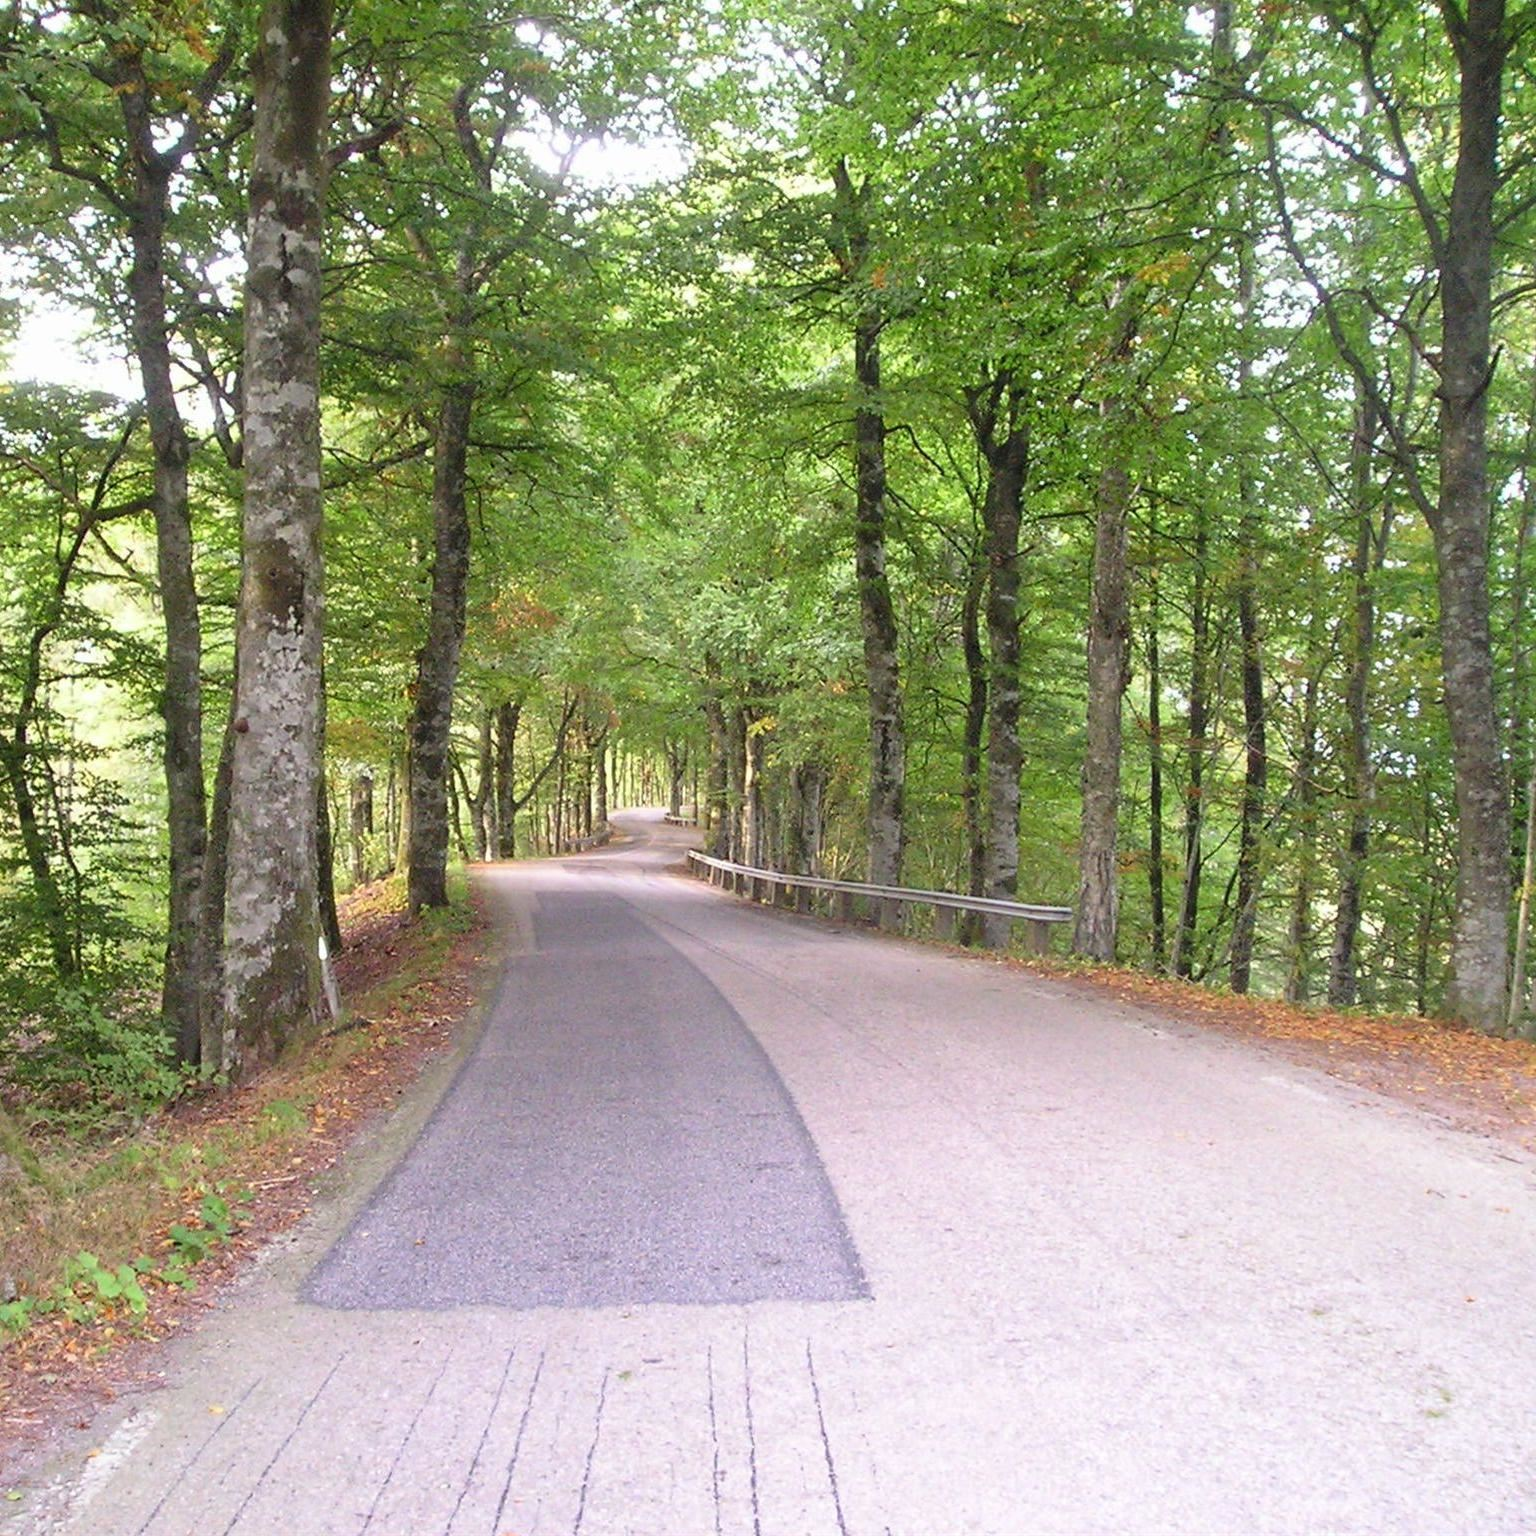 © Värnamo Näringsliv AB , Getaryggarna scenic route